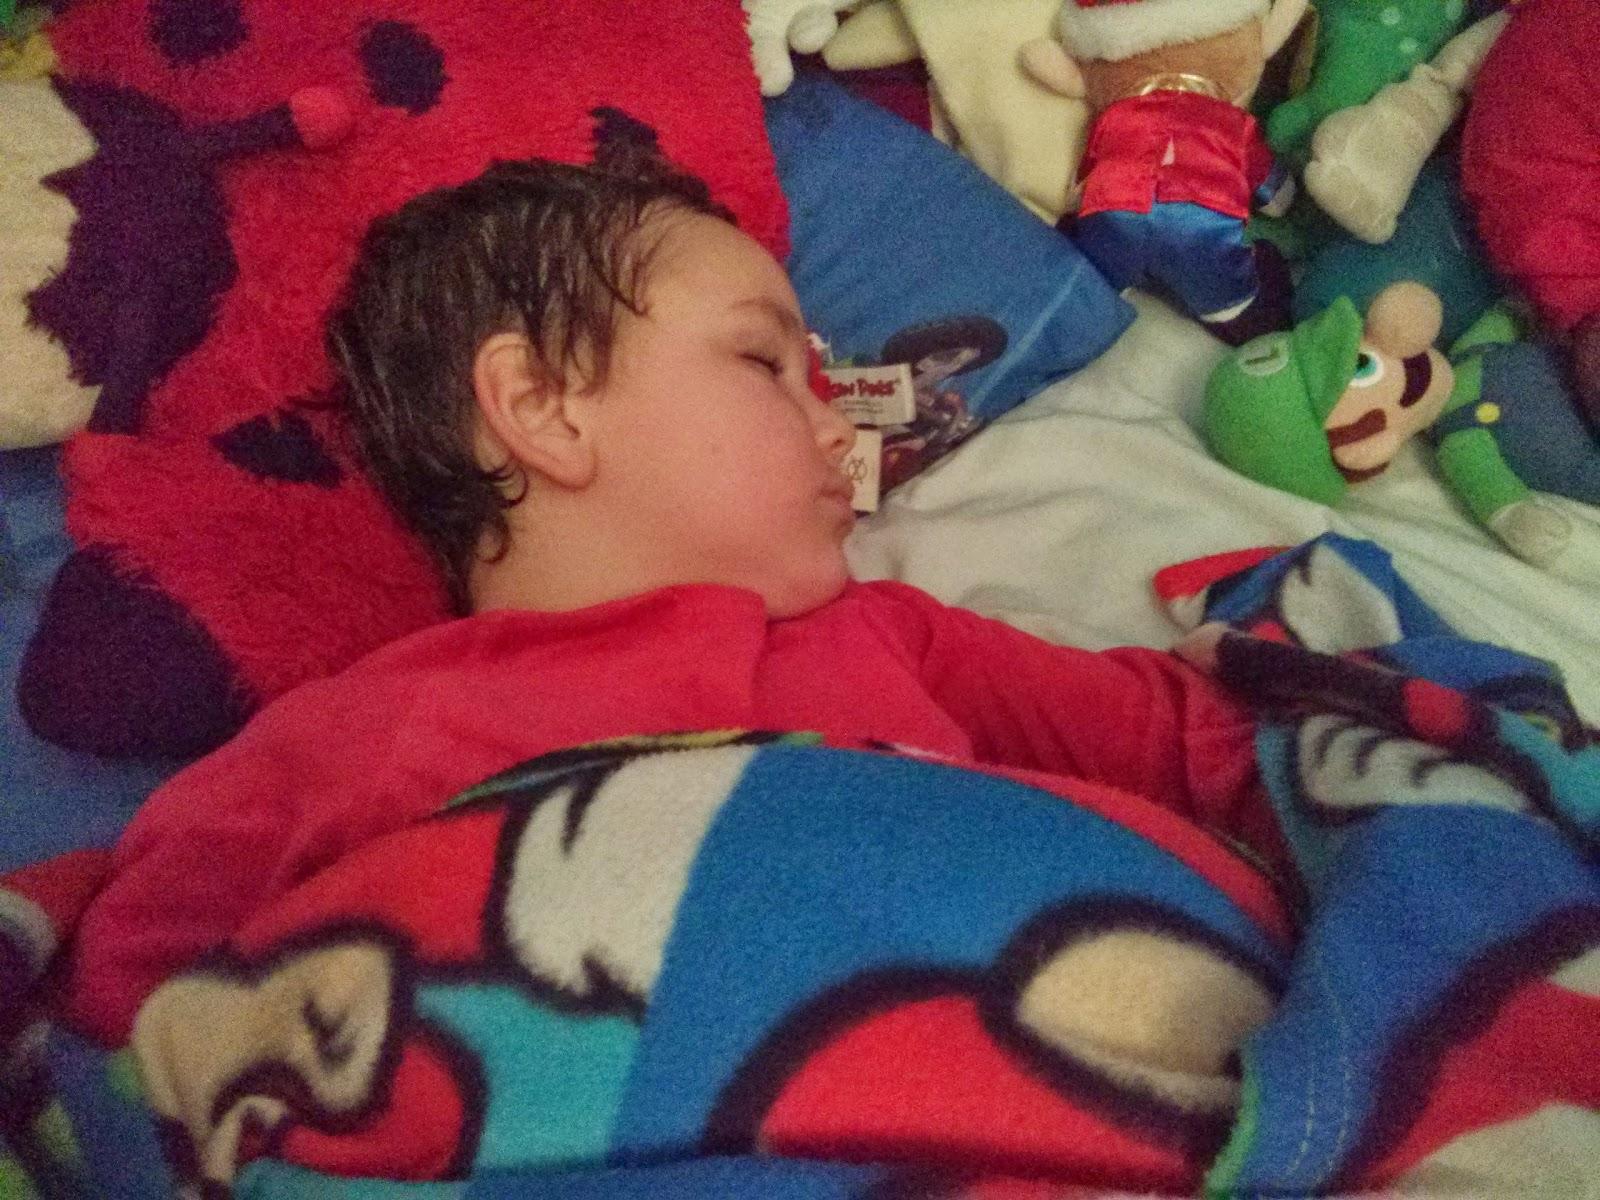 Big Boy in Big Boy's bed